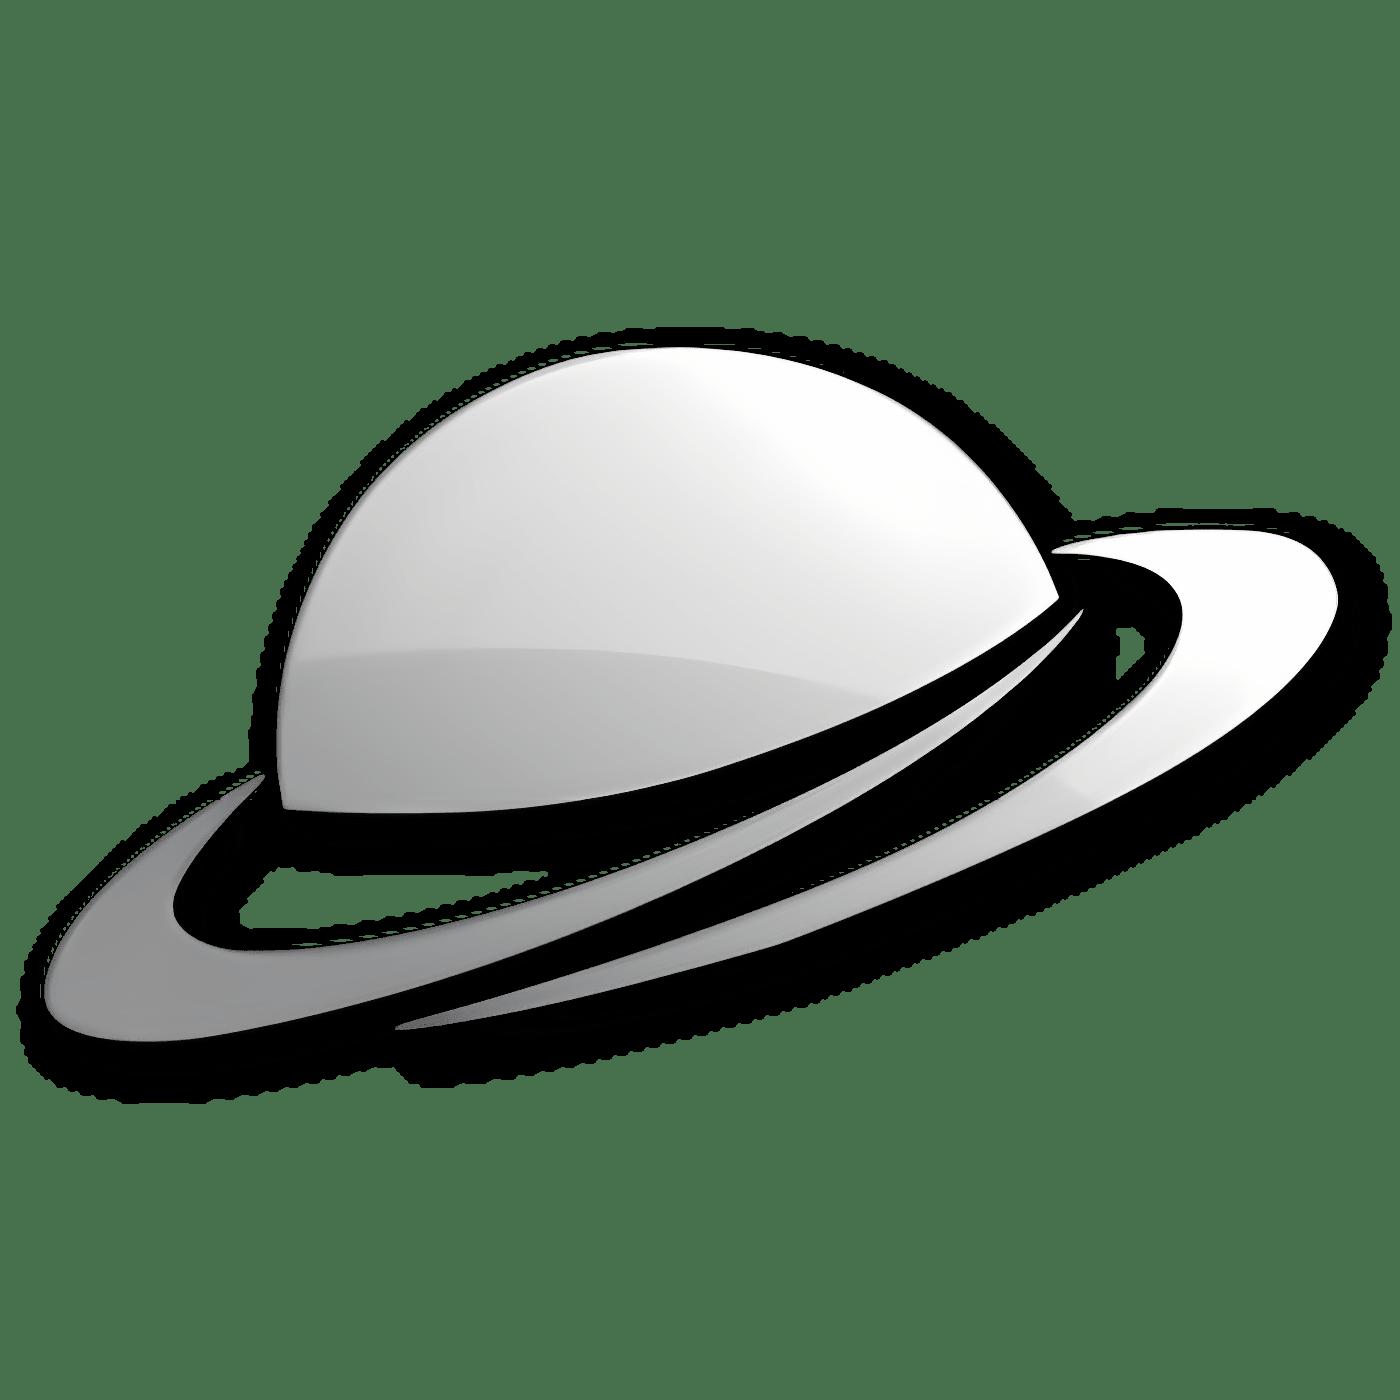 Reditr - Best Reddit Client